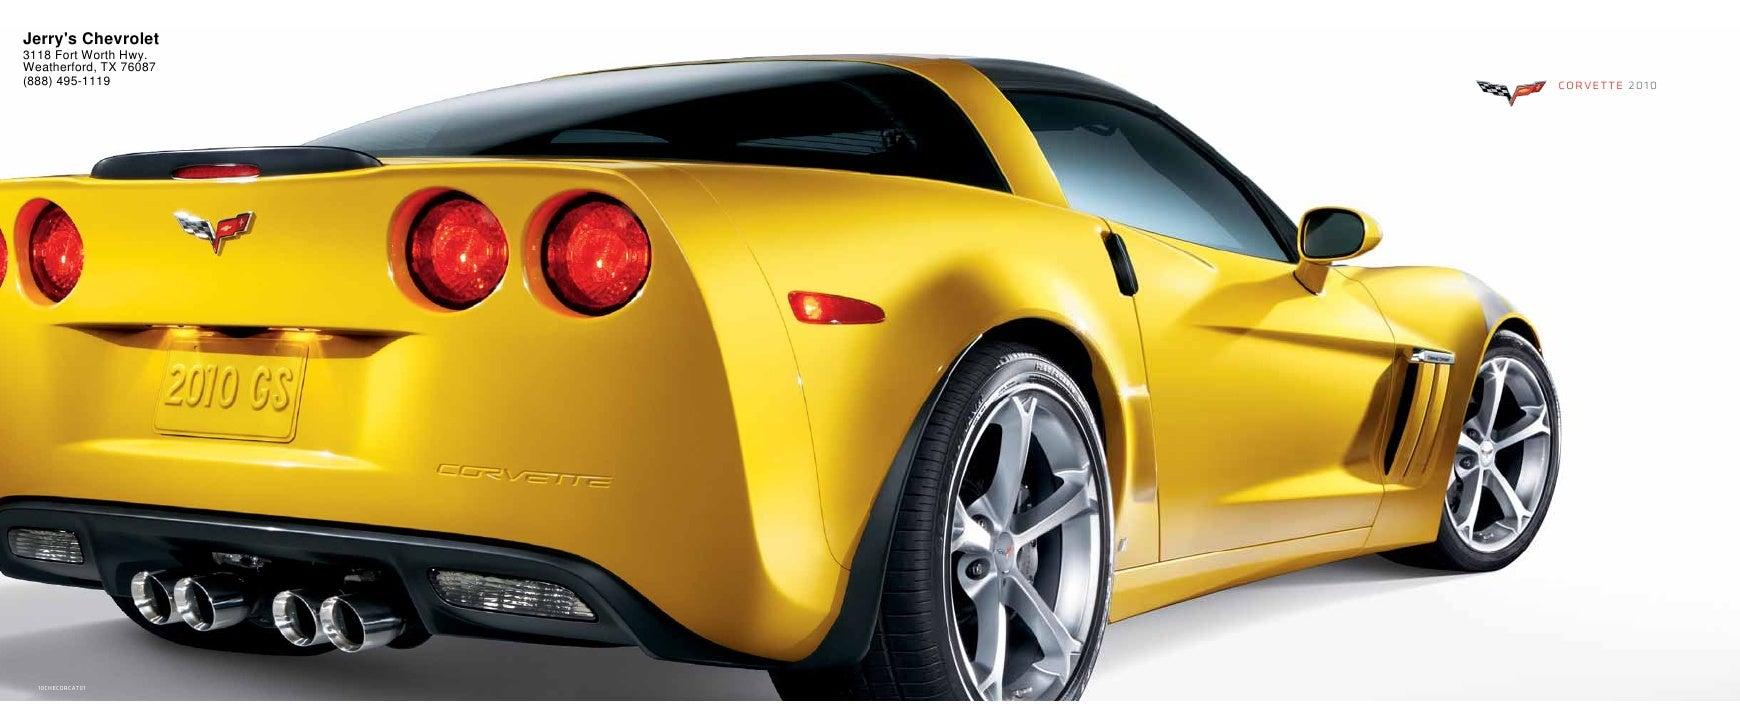 2010 Chevrolet Corvette Fort Worth